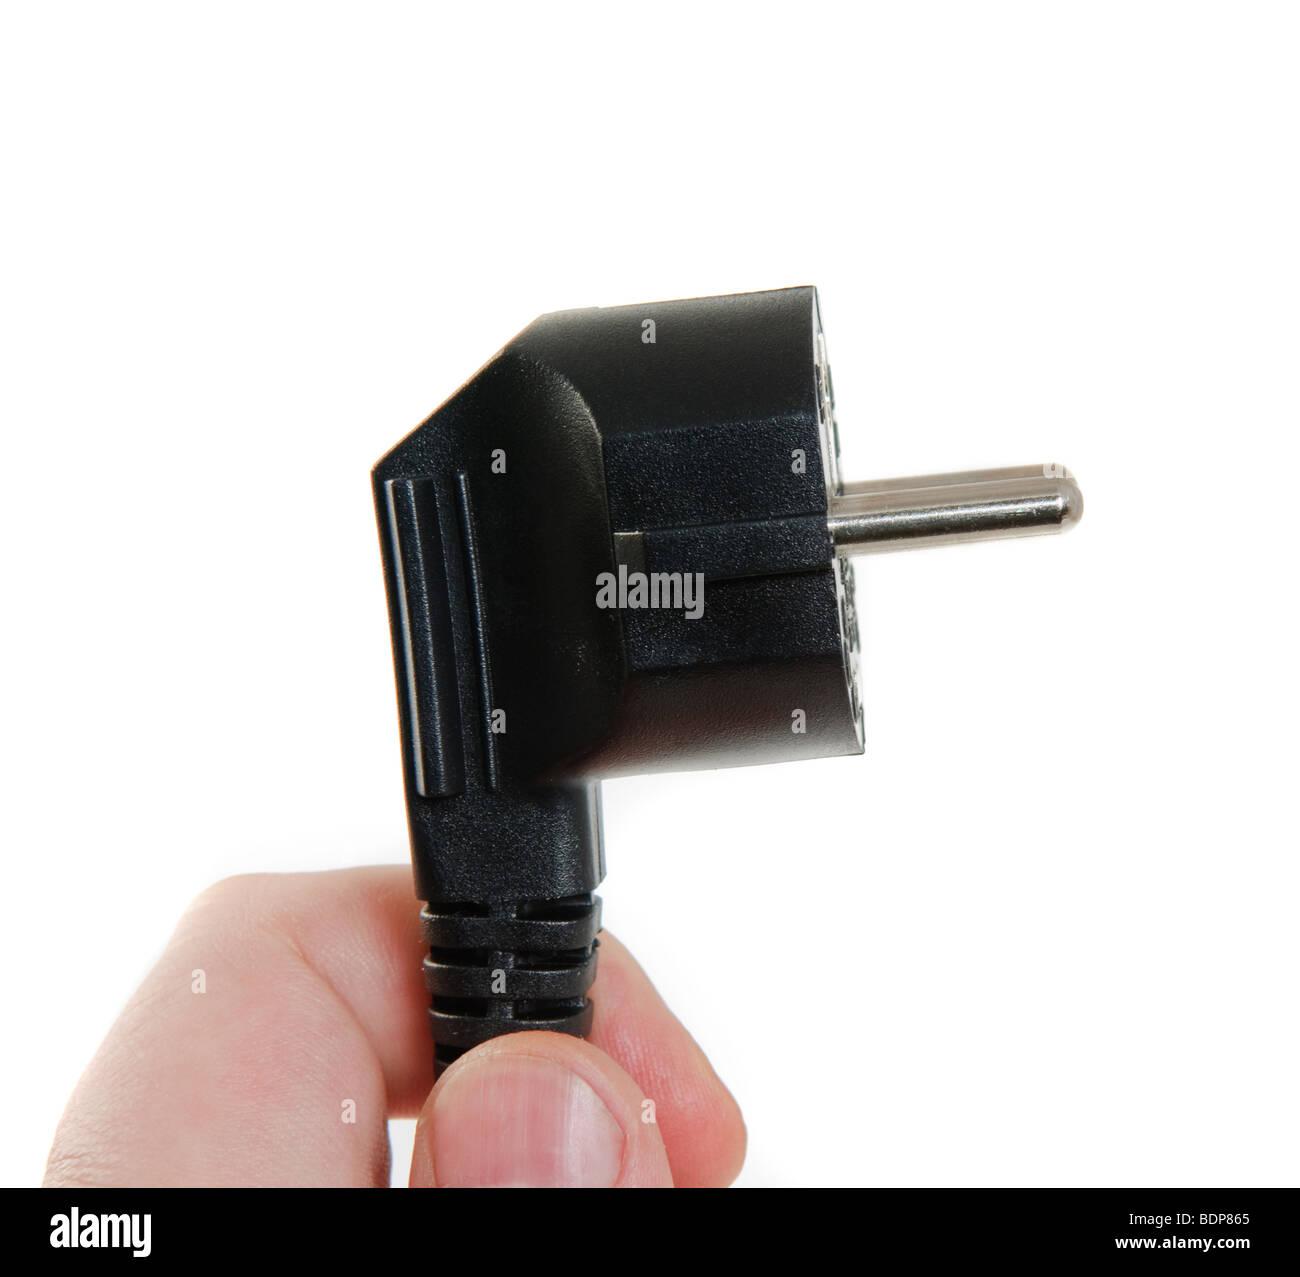 holding power plug, isolated on white background Stock Photo